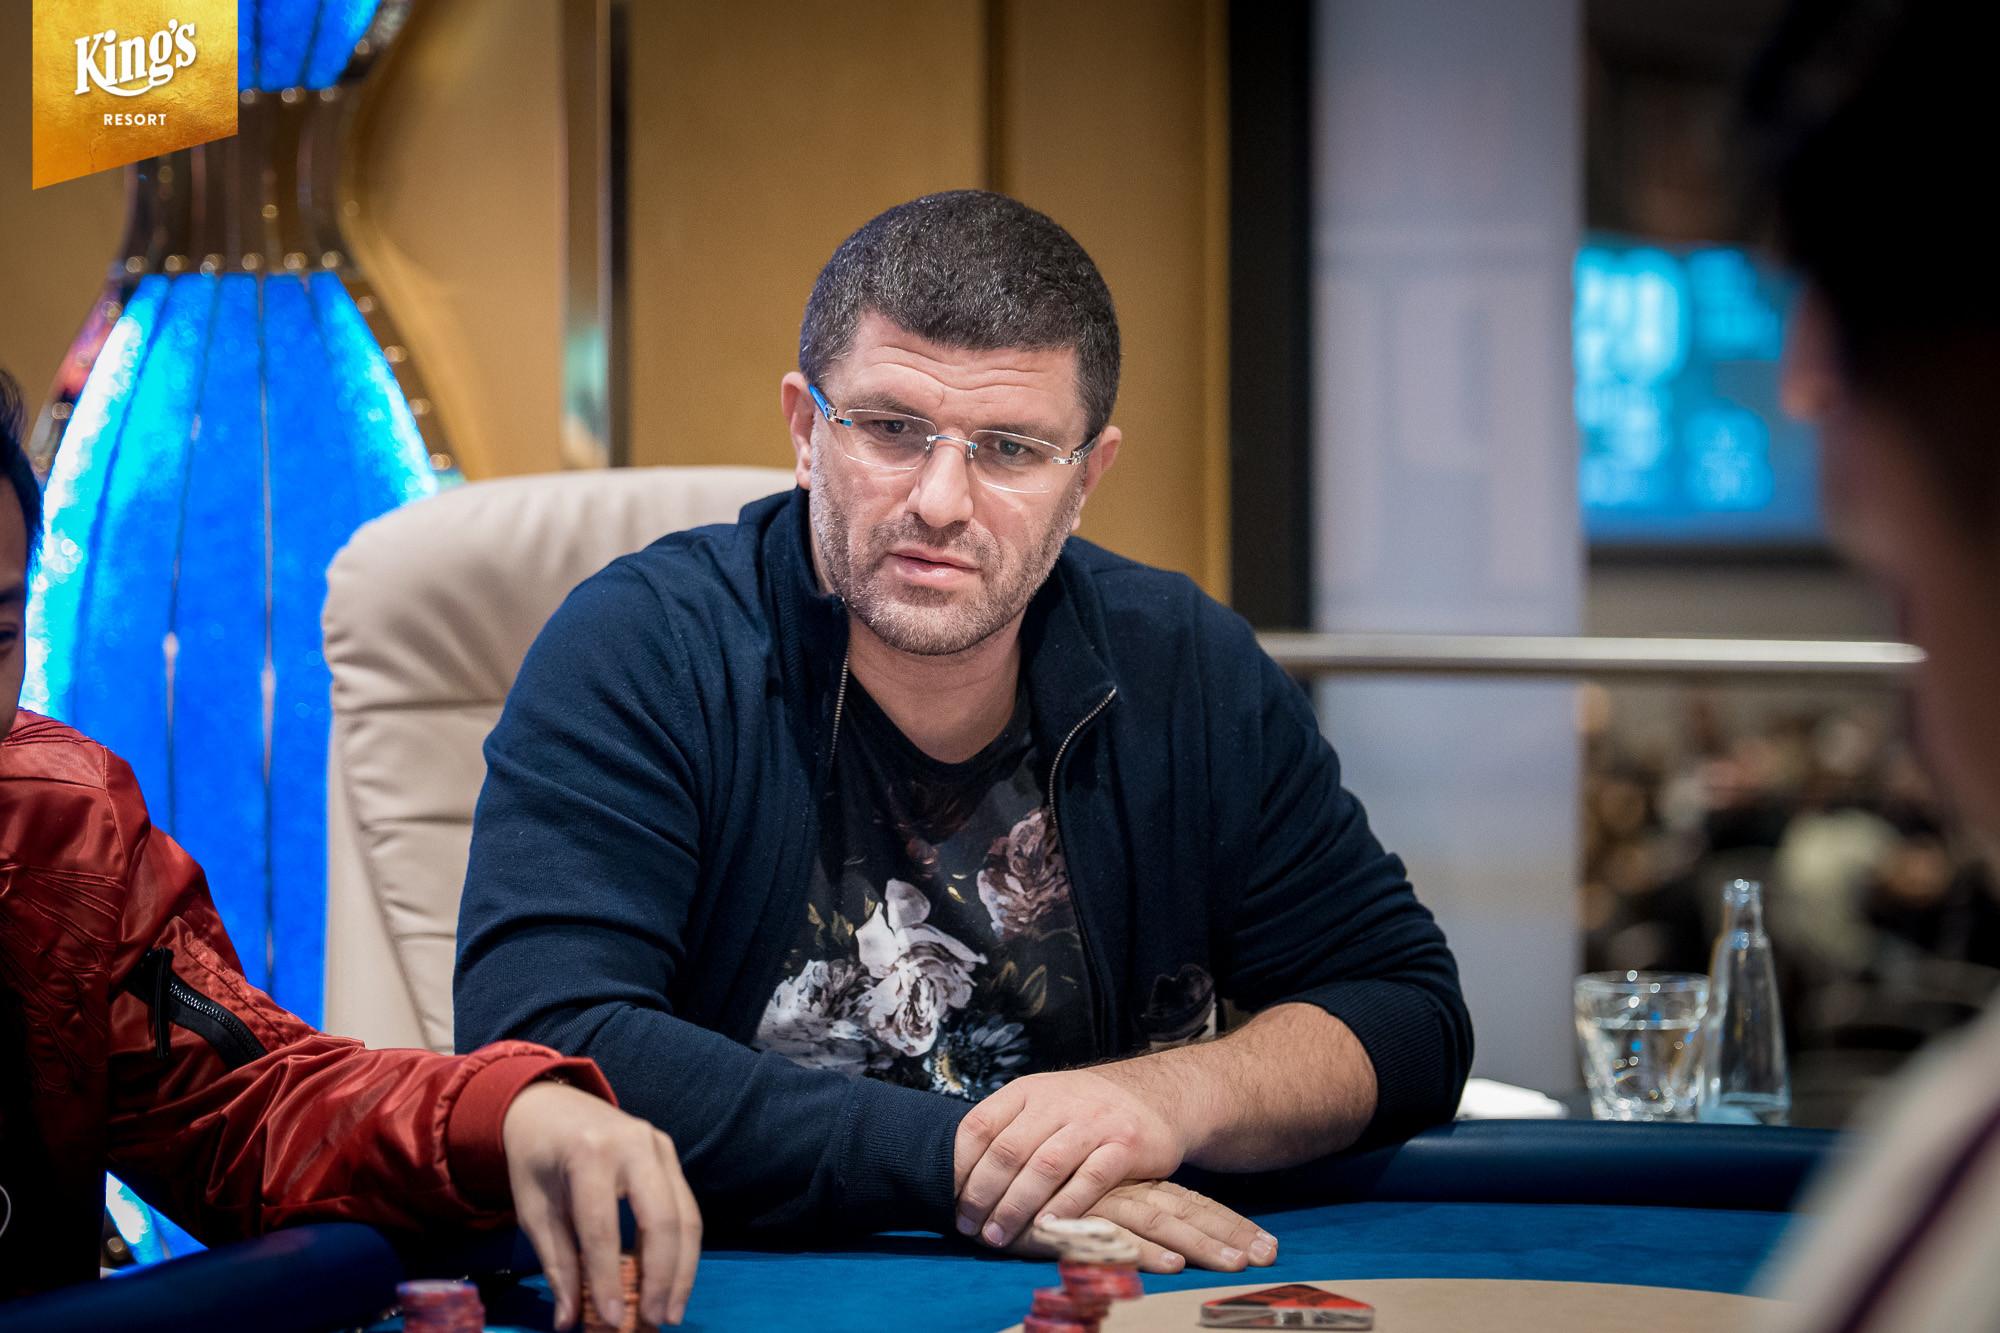 Tsoukernik vs. Zuckerberg; King's Resort Owner Sues Facebook | PokerNews